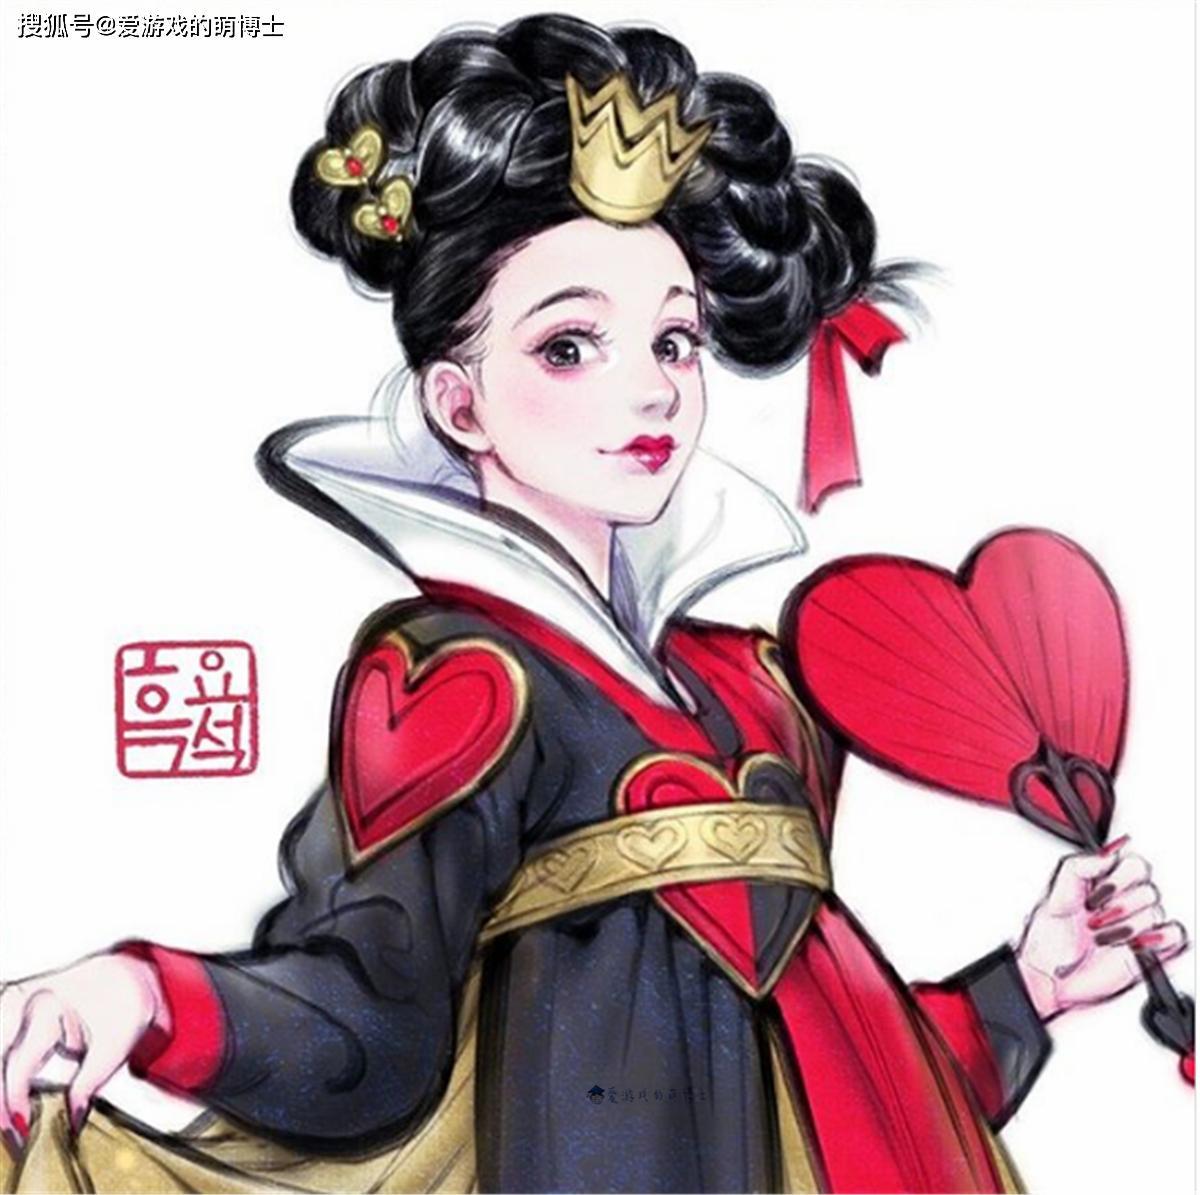 迪士尼动画反派角色变成韩服美女,会是什么样子?